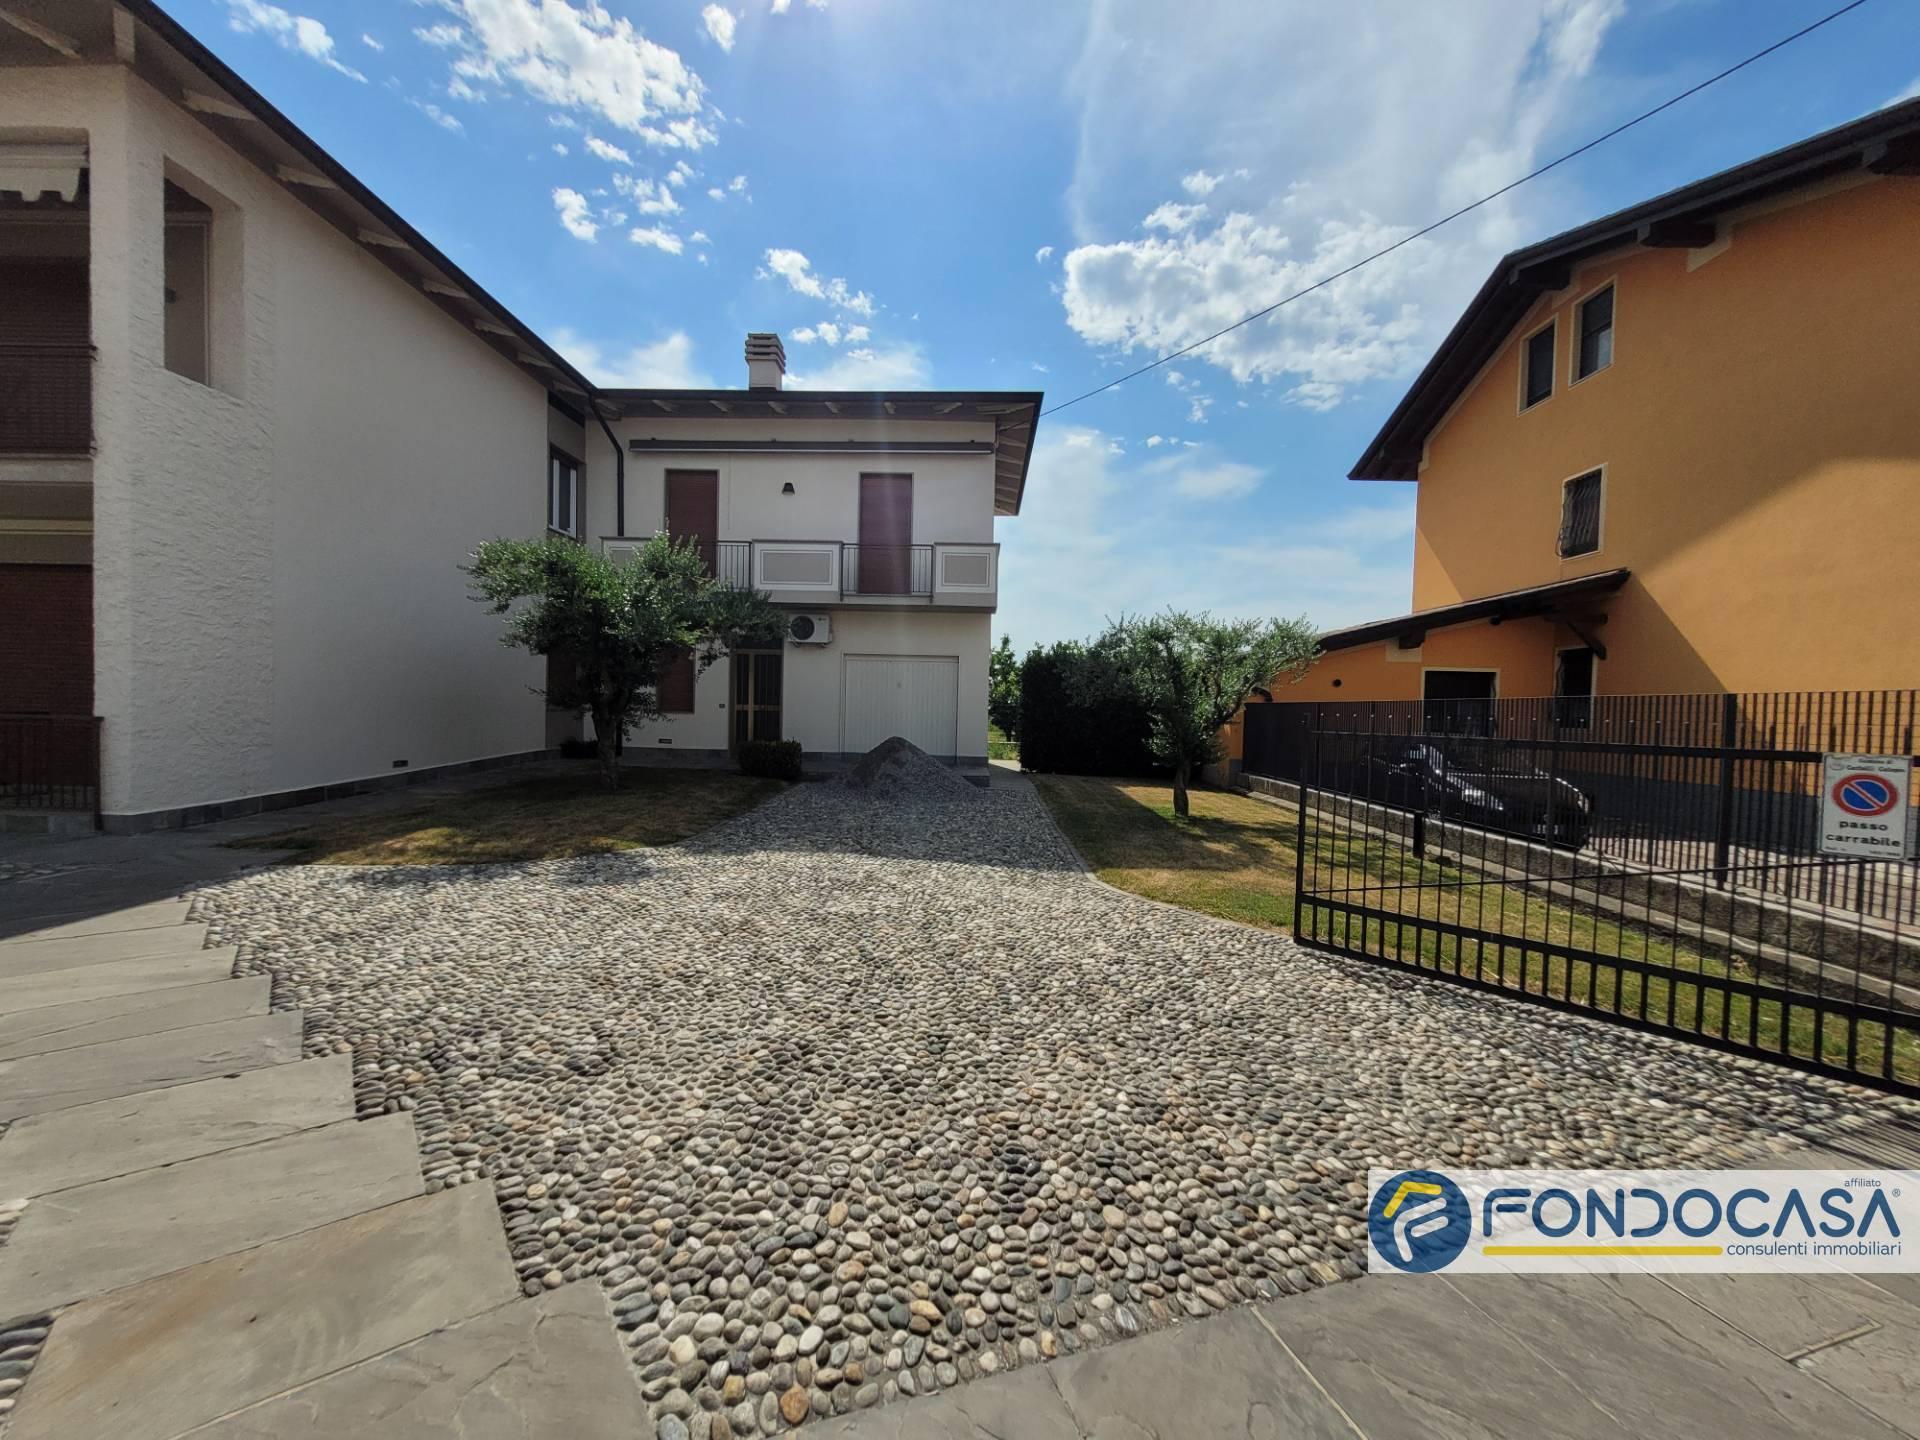 Villa a Schiera in vendita a Palazzolo sull'Oglio, 3 locali, prezzo € 85.000   PortaleAgenzieImmobiliari.it